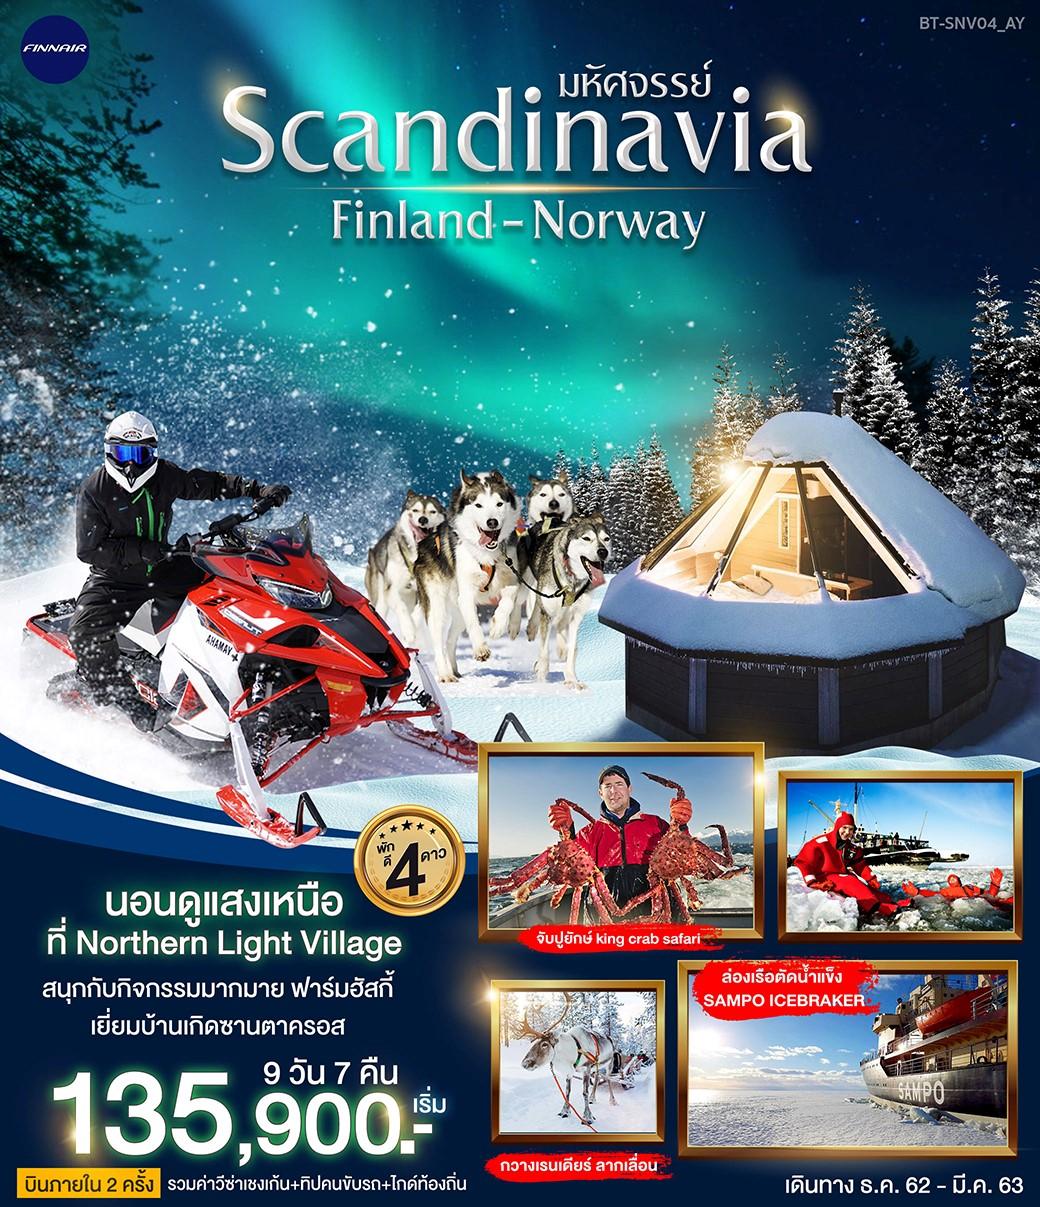 ทัวร์ยุโรป-มหัศจรรย์-SCANDINAVIA-9-วัน-7-คืน-(18-26MAR20)(BT-SNV04_AY)